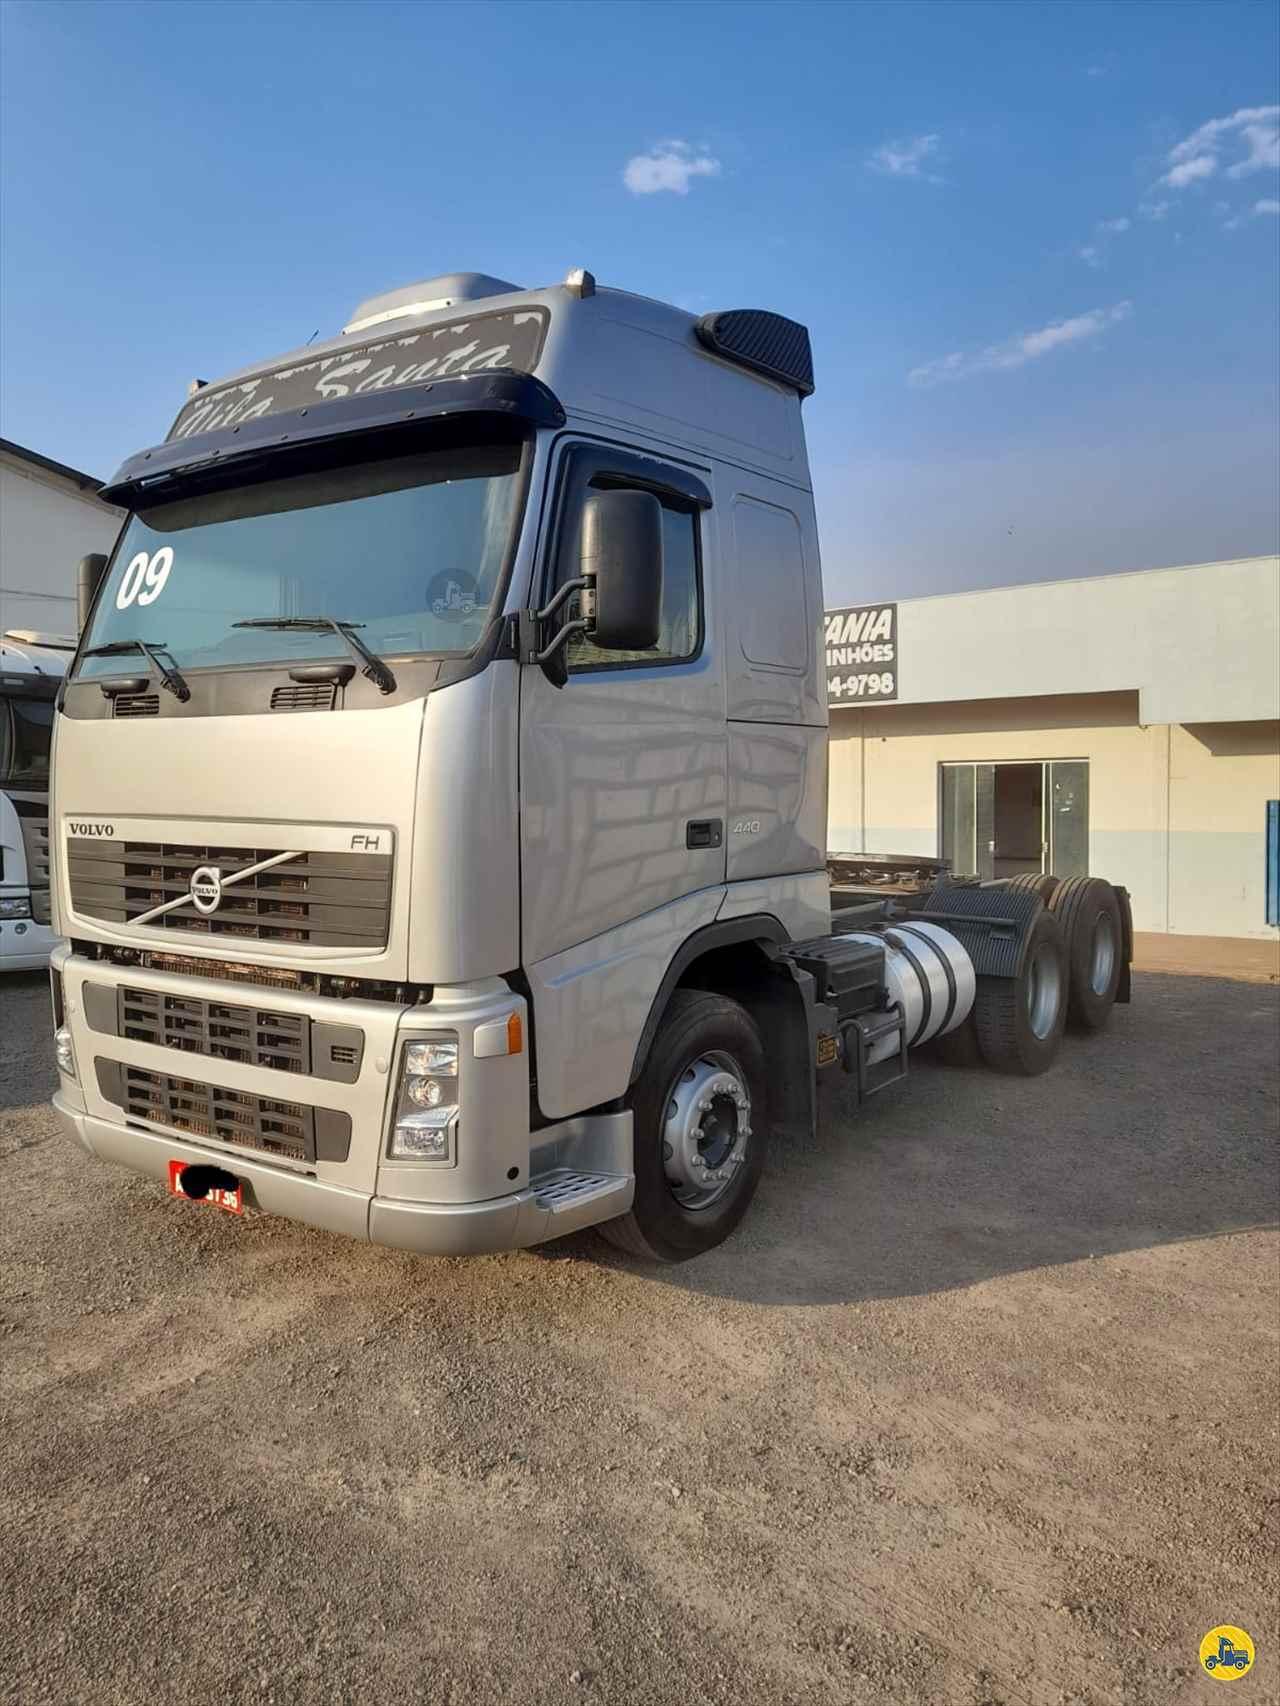 CAMINHAO VOLVO VOLVO FH 440 Cavalo Mecânico Truck 6x2 Ventania Caminhões MARINGA PARANÁ PR